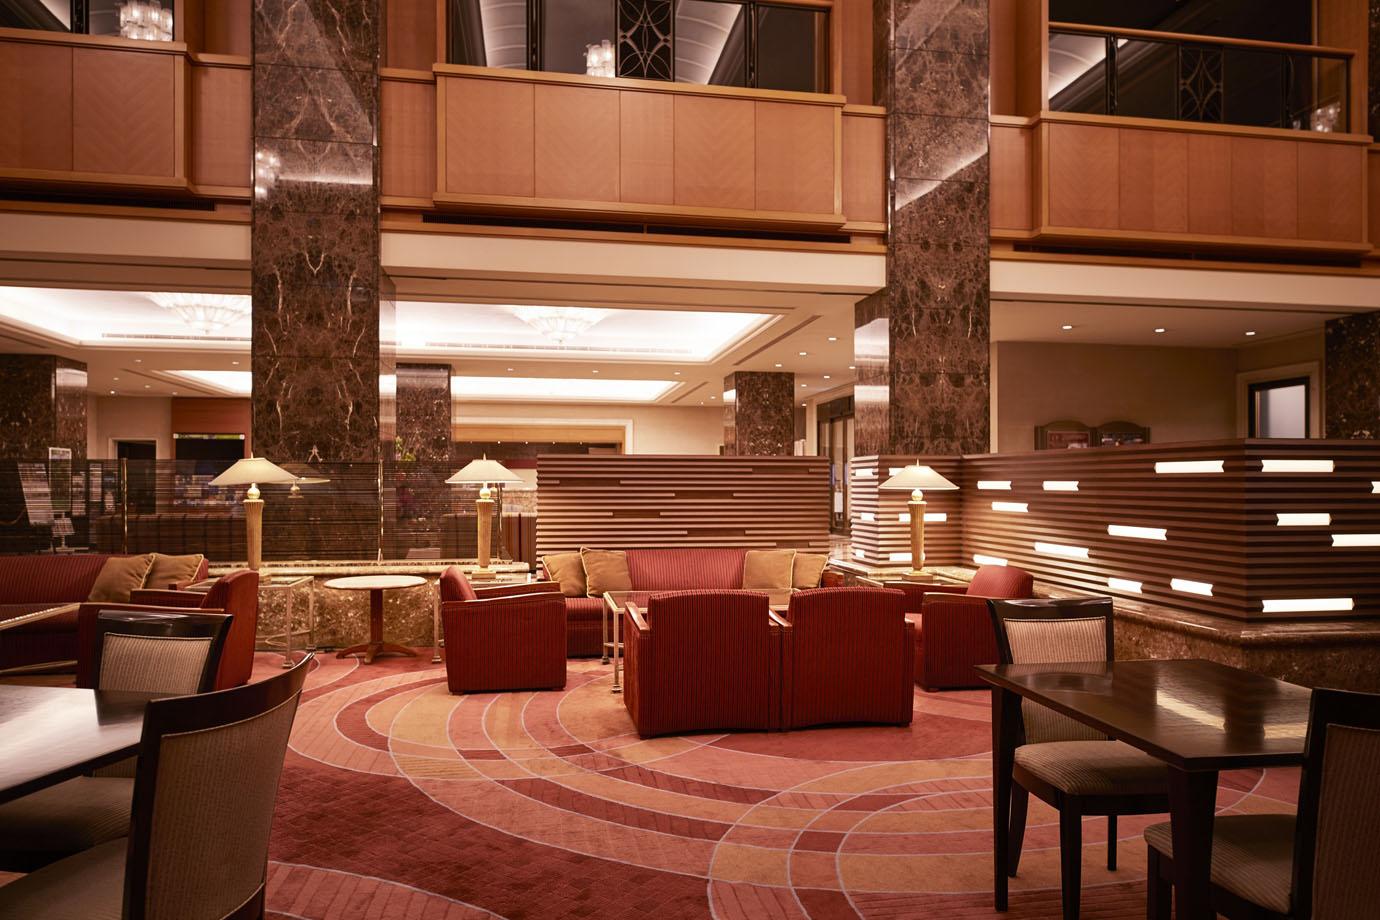 ロビーラウンジ | 長野のホテルならホテルメトロポリタン長野【公式】